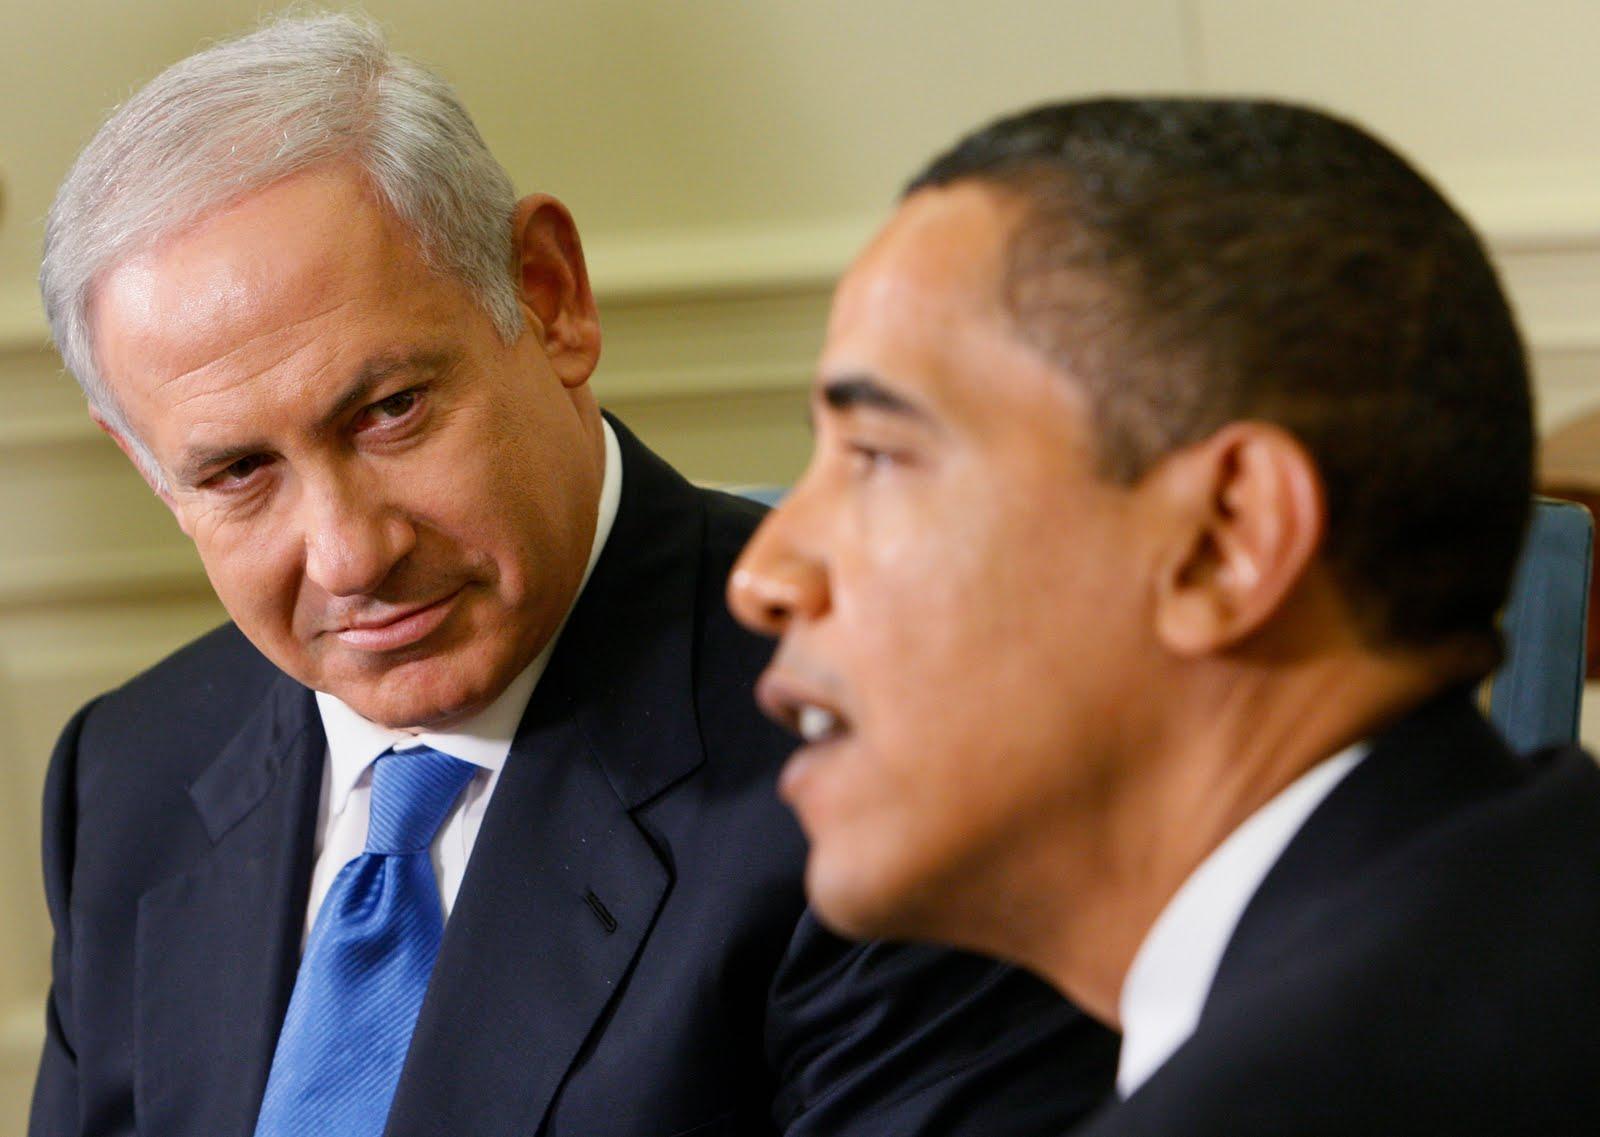 البيت الأبيض يقول إن نتنياهو يرفض لقاء بأوباما